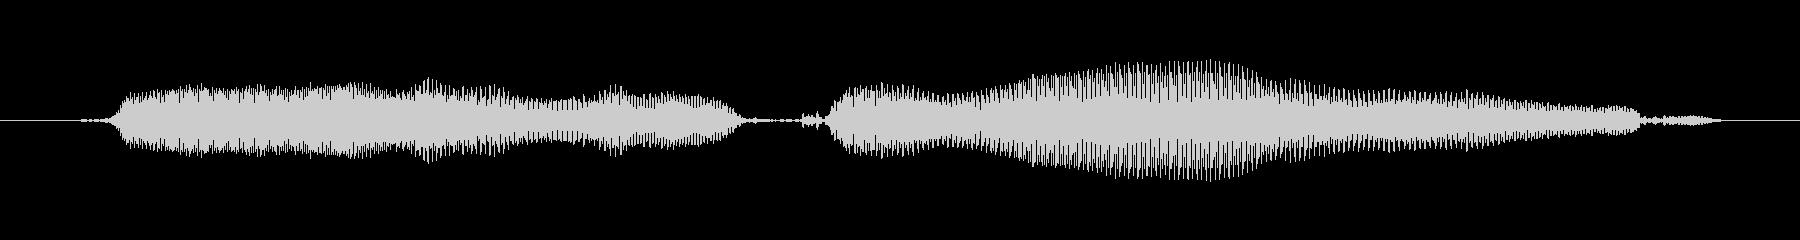 鳴き声 女性トークエルフィッシュ08の未再生の波形